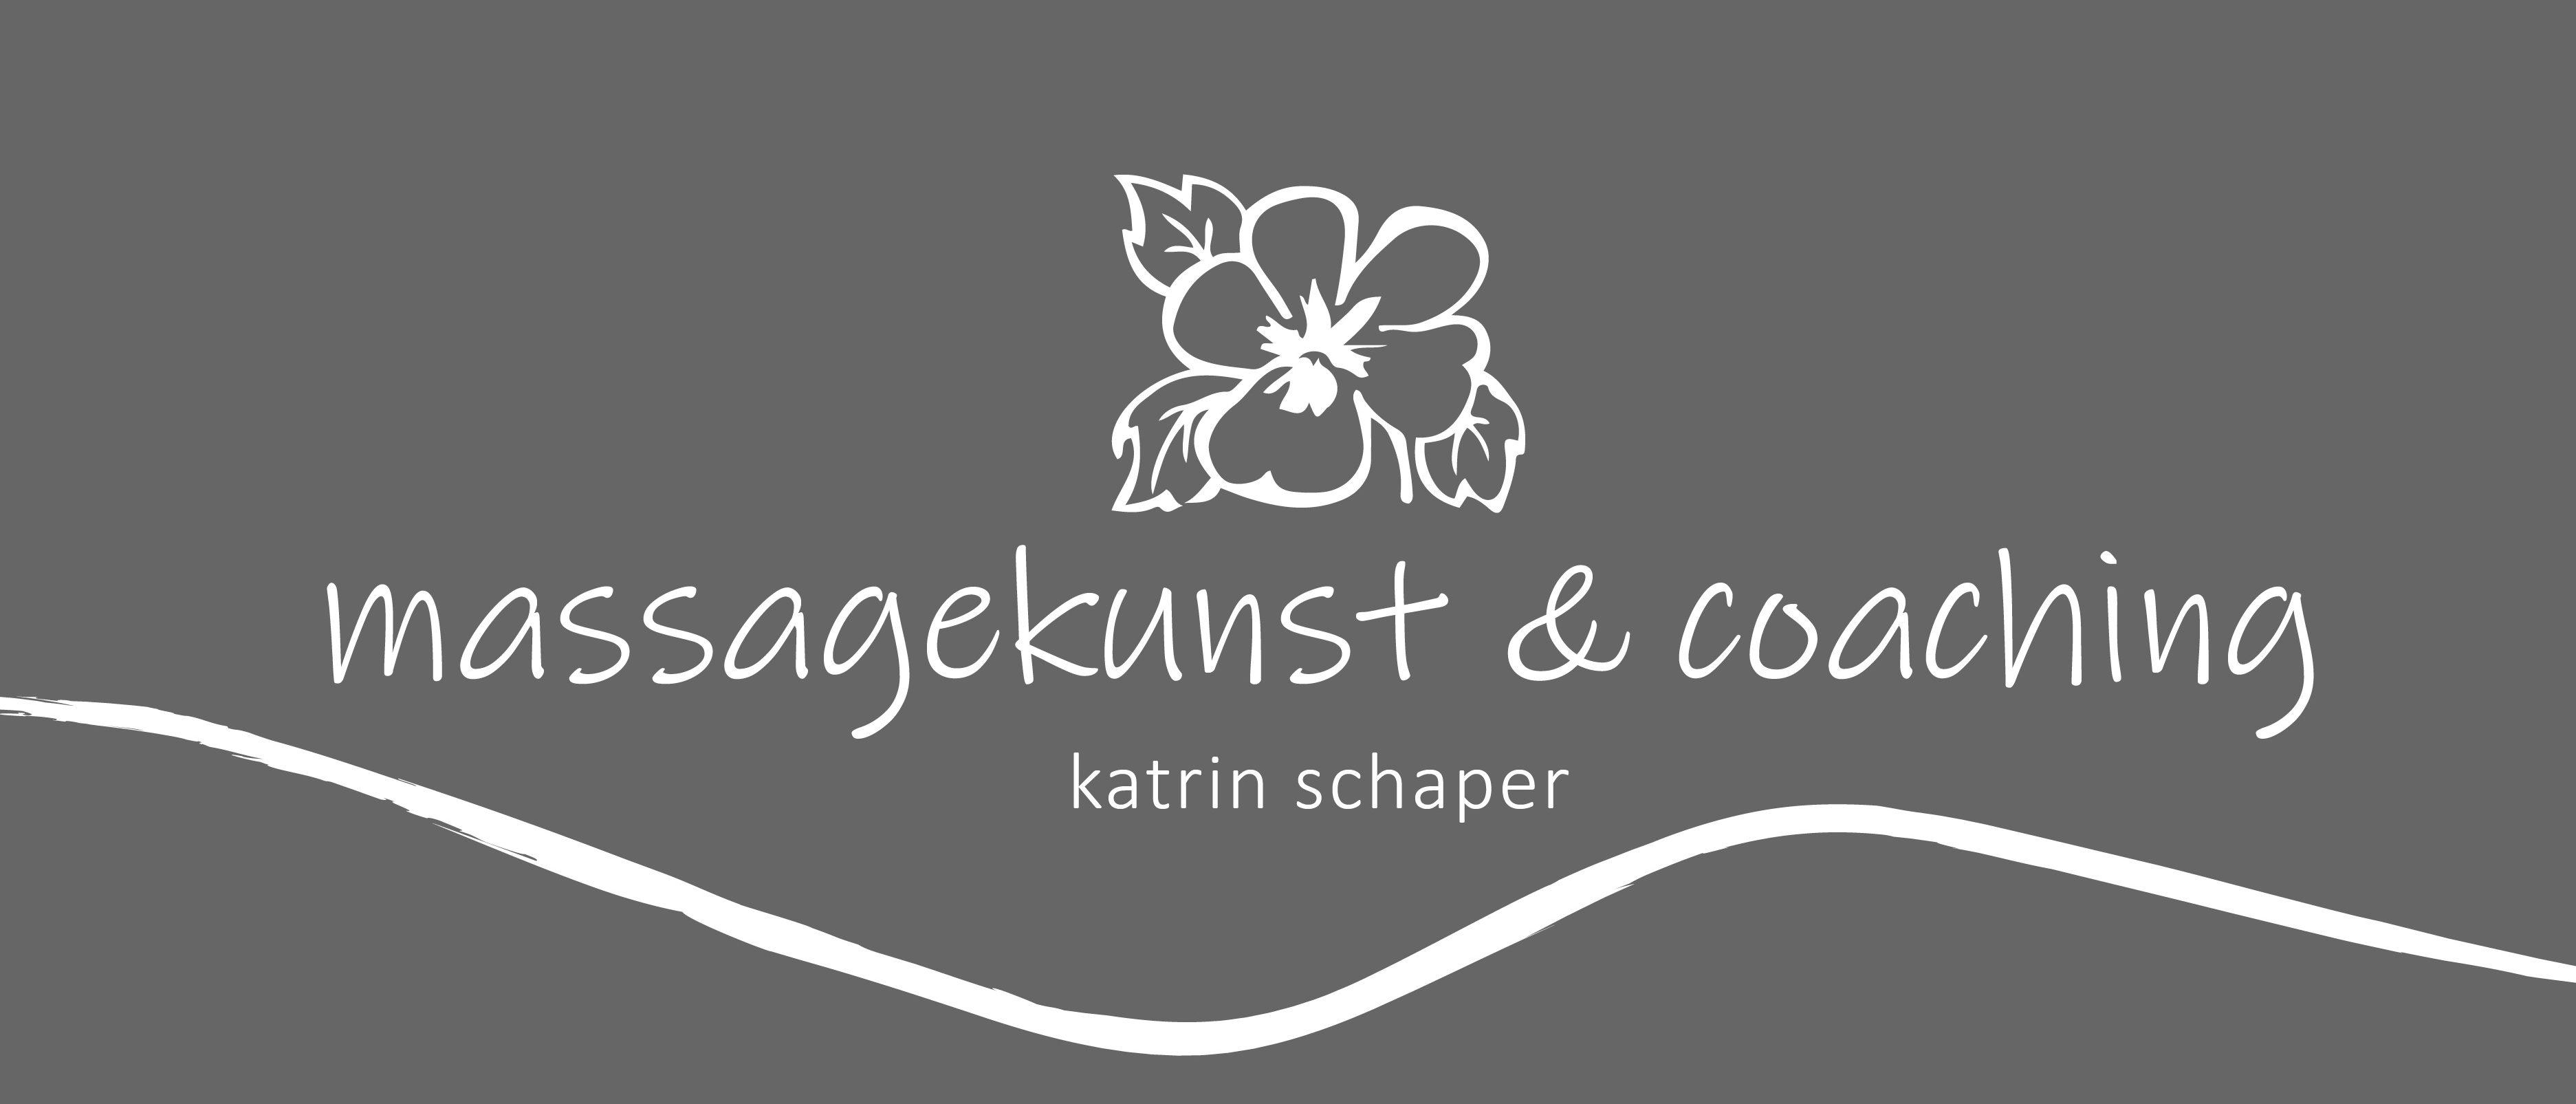 massagekunst  coaching